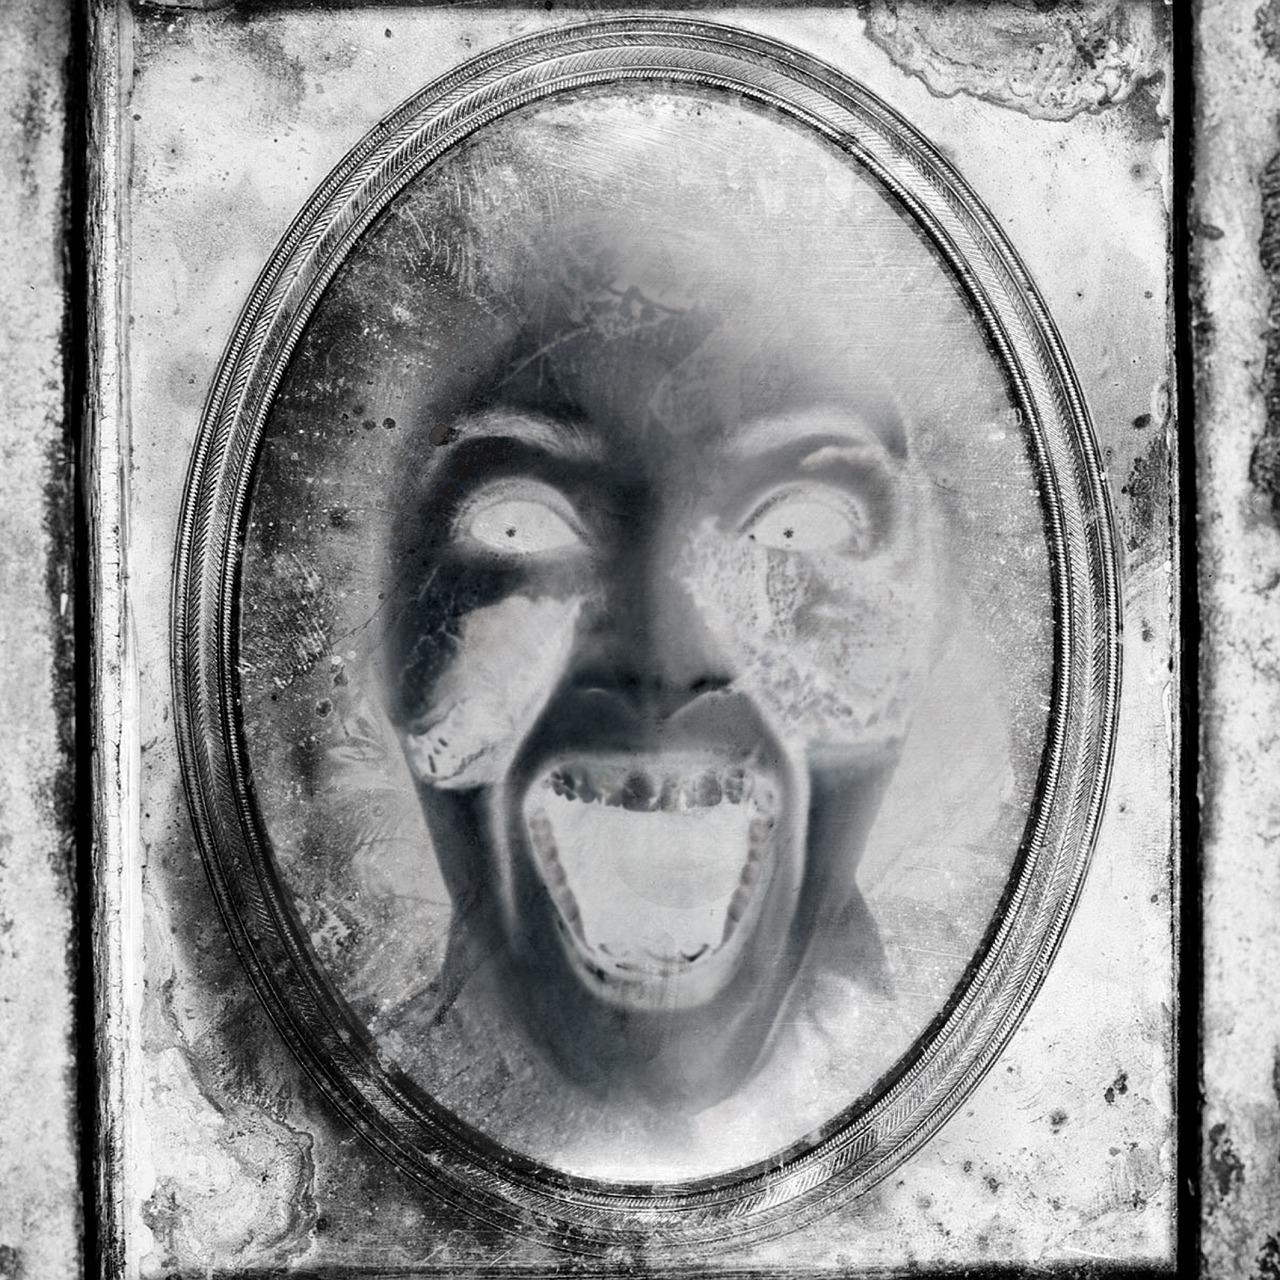 Bild: Schrei im Spiegel